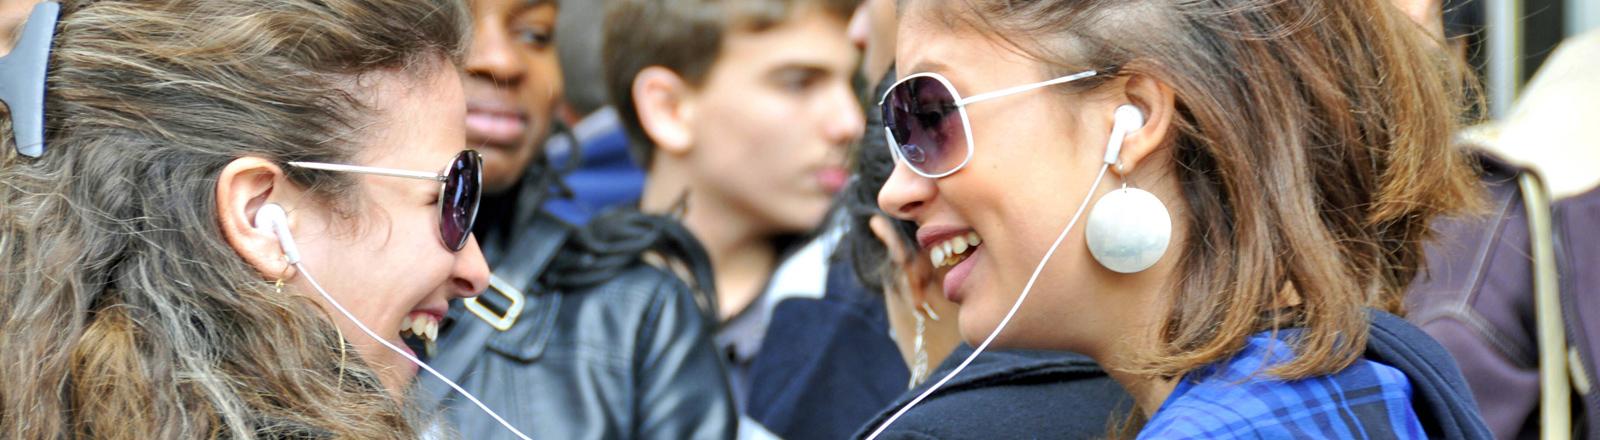 Zwei Mädchen unterhalten sich und sind mit In-Ear-Kopfhörern verbunden.